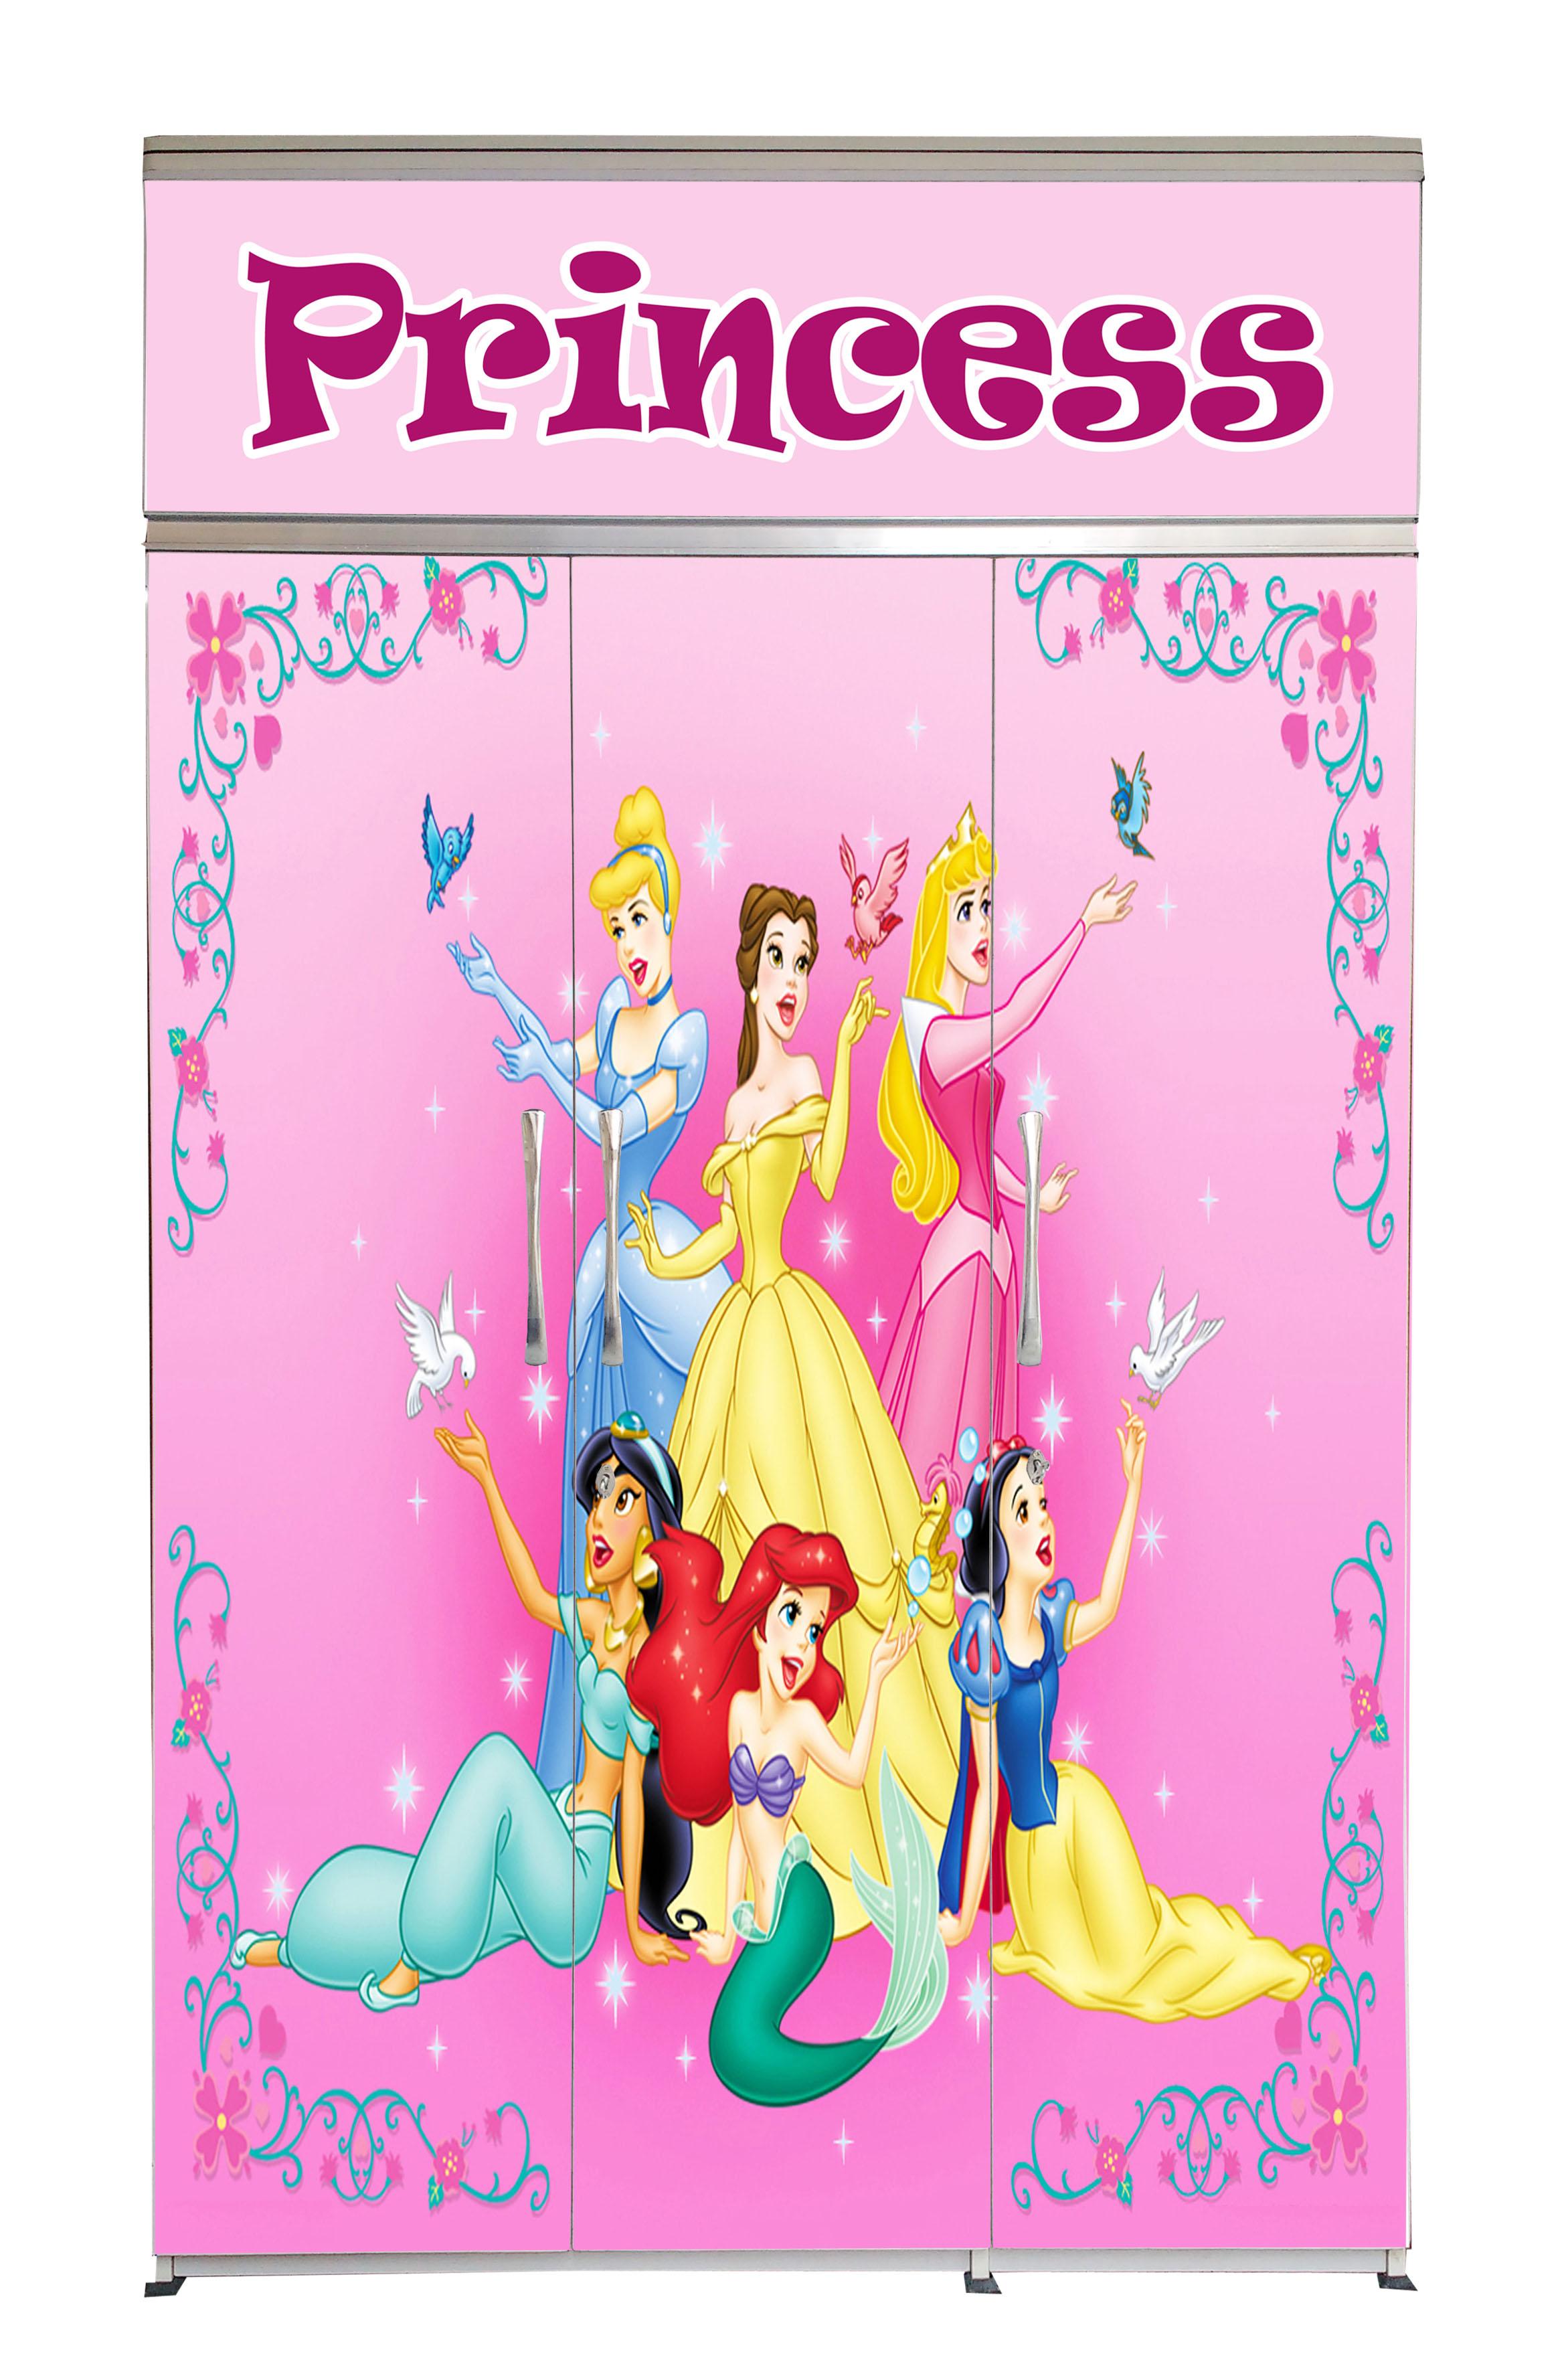 BS-3D-49 - Pink Princess-A